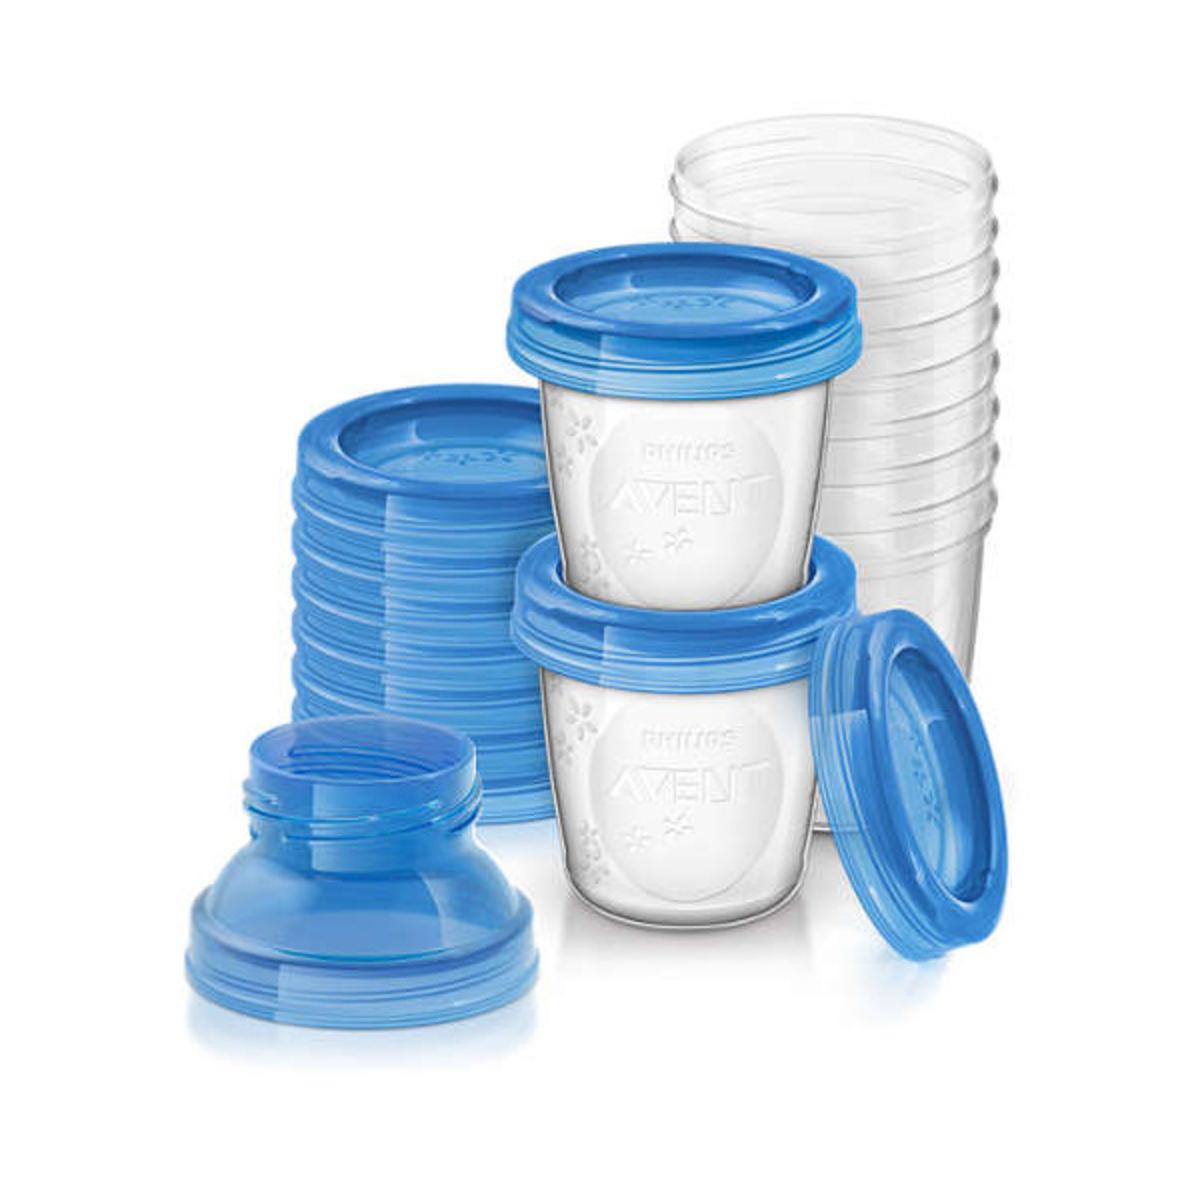 Tire-lait 10 Pots de Conservation pour Lait Maternel 10 Pots de Conservation pour Lait Maternel